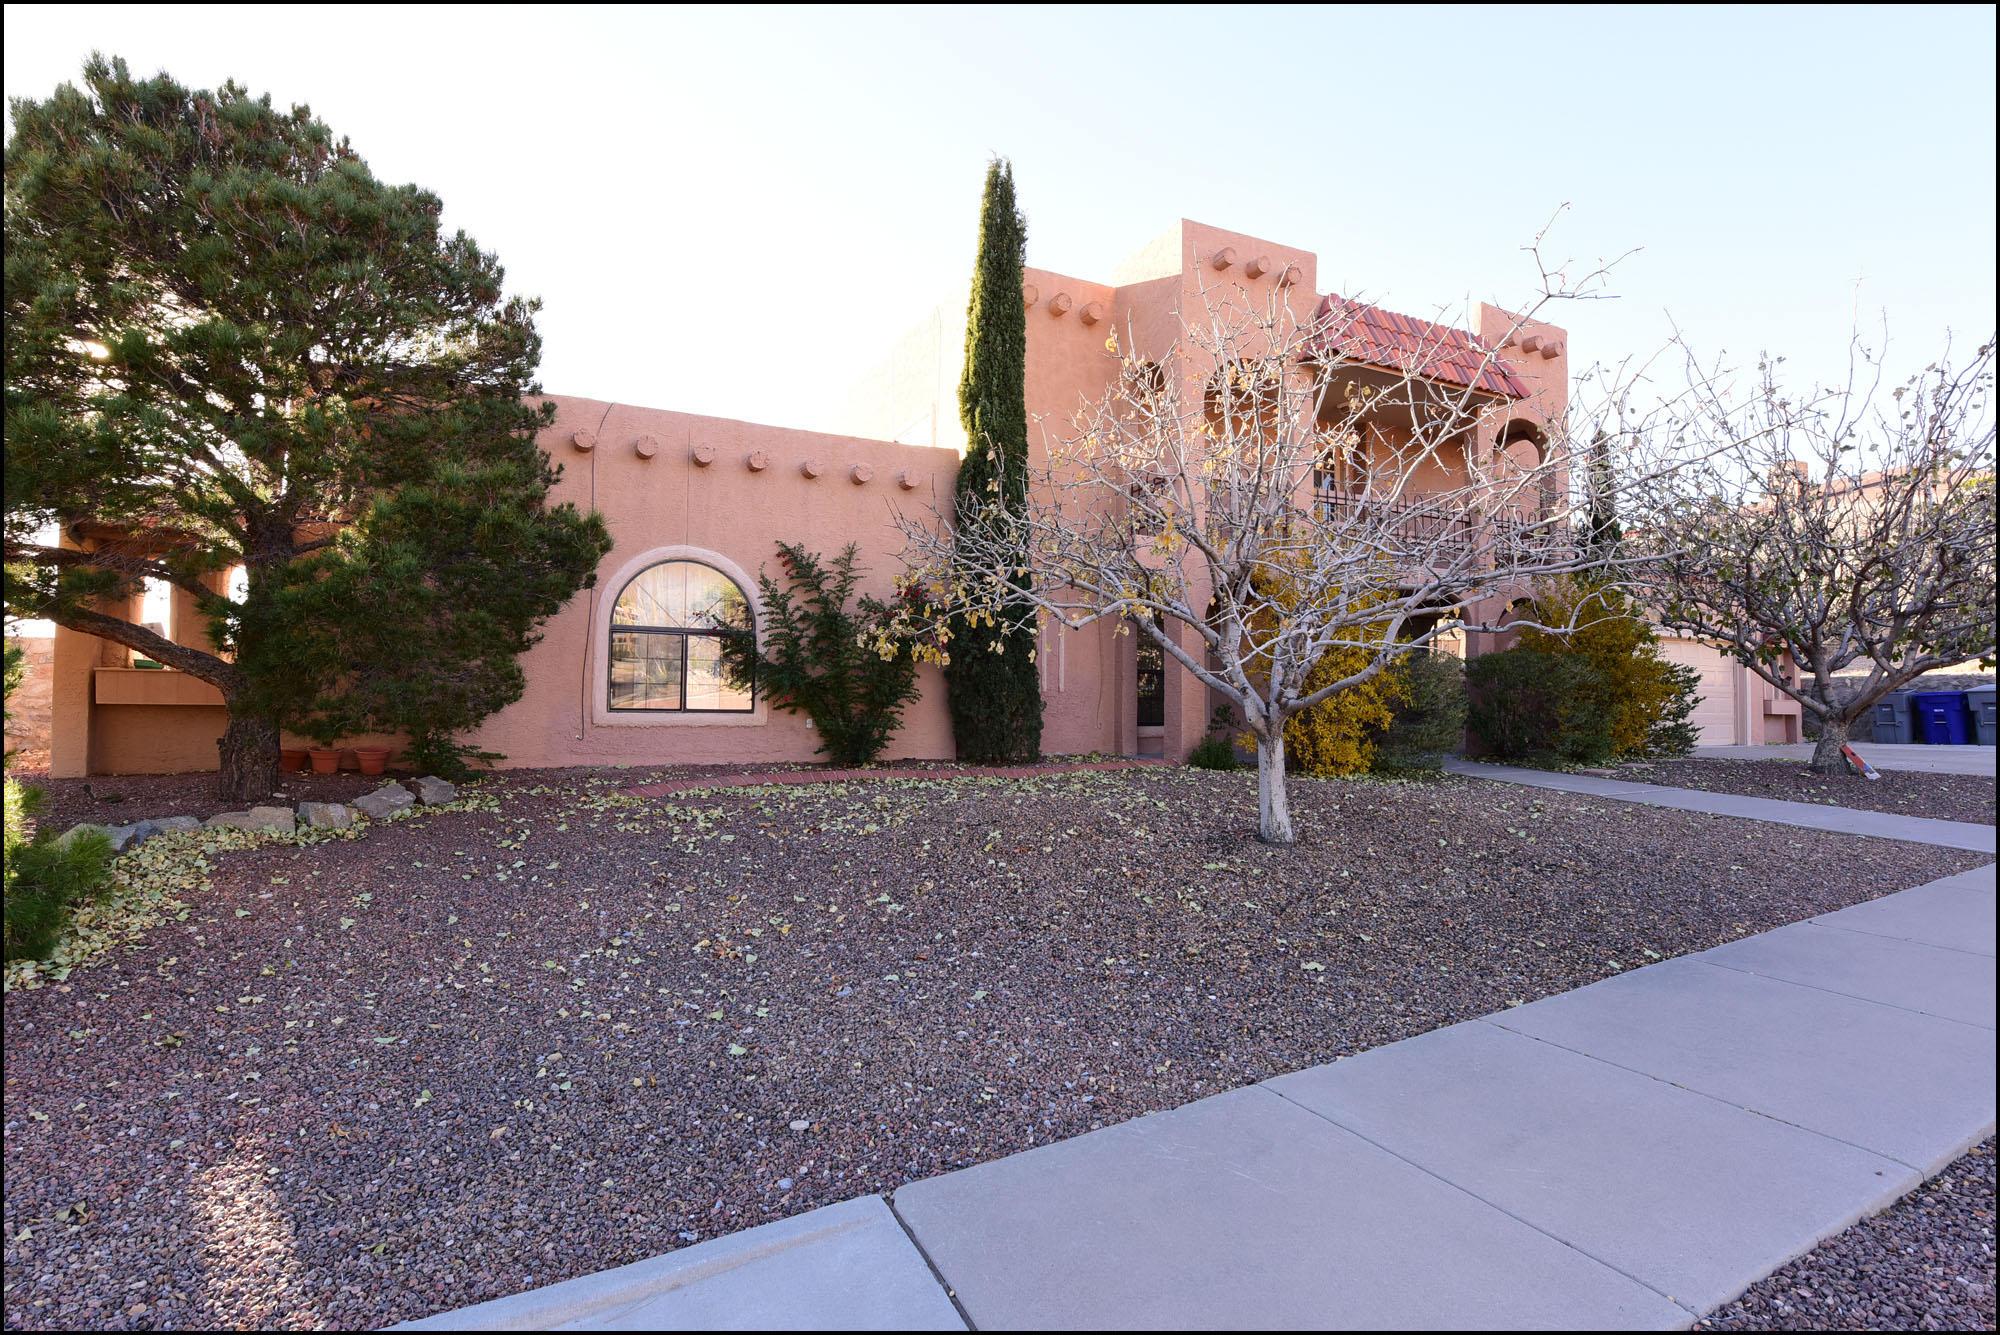 801 CRESTA ALTA, El Paso, Texas 79912, 6 Bedrooms Bedrooms, ,4 BathroomsBathrooms,Residential,For sale,CRESTA ALTA,801030